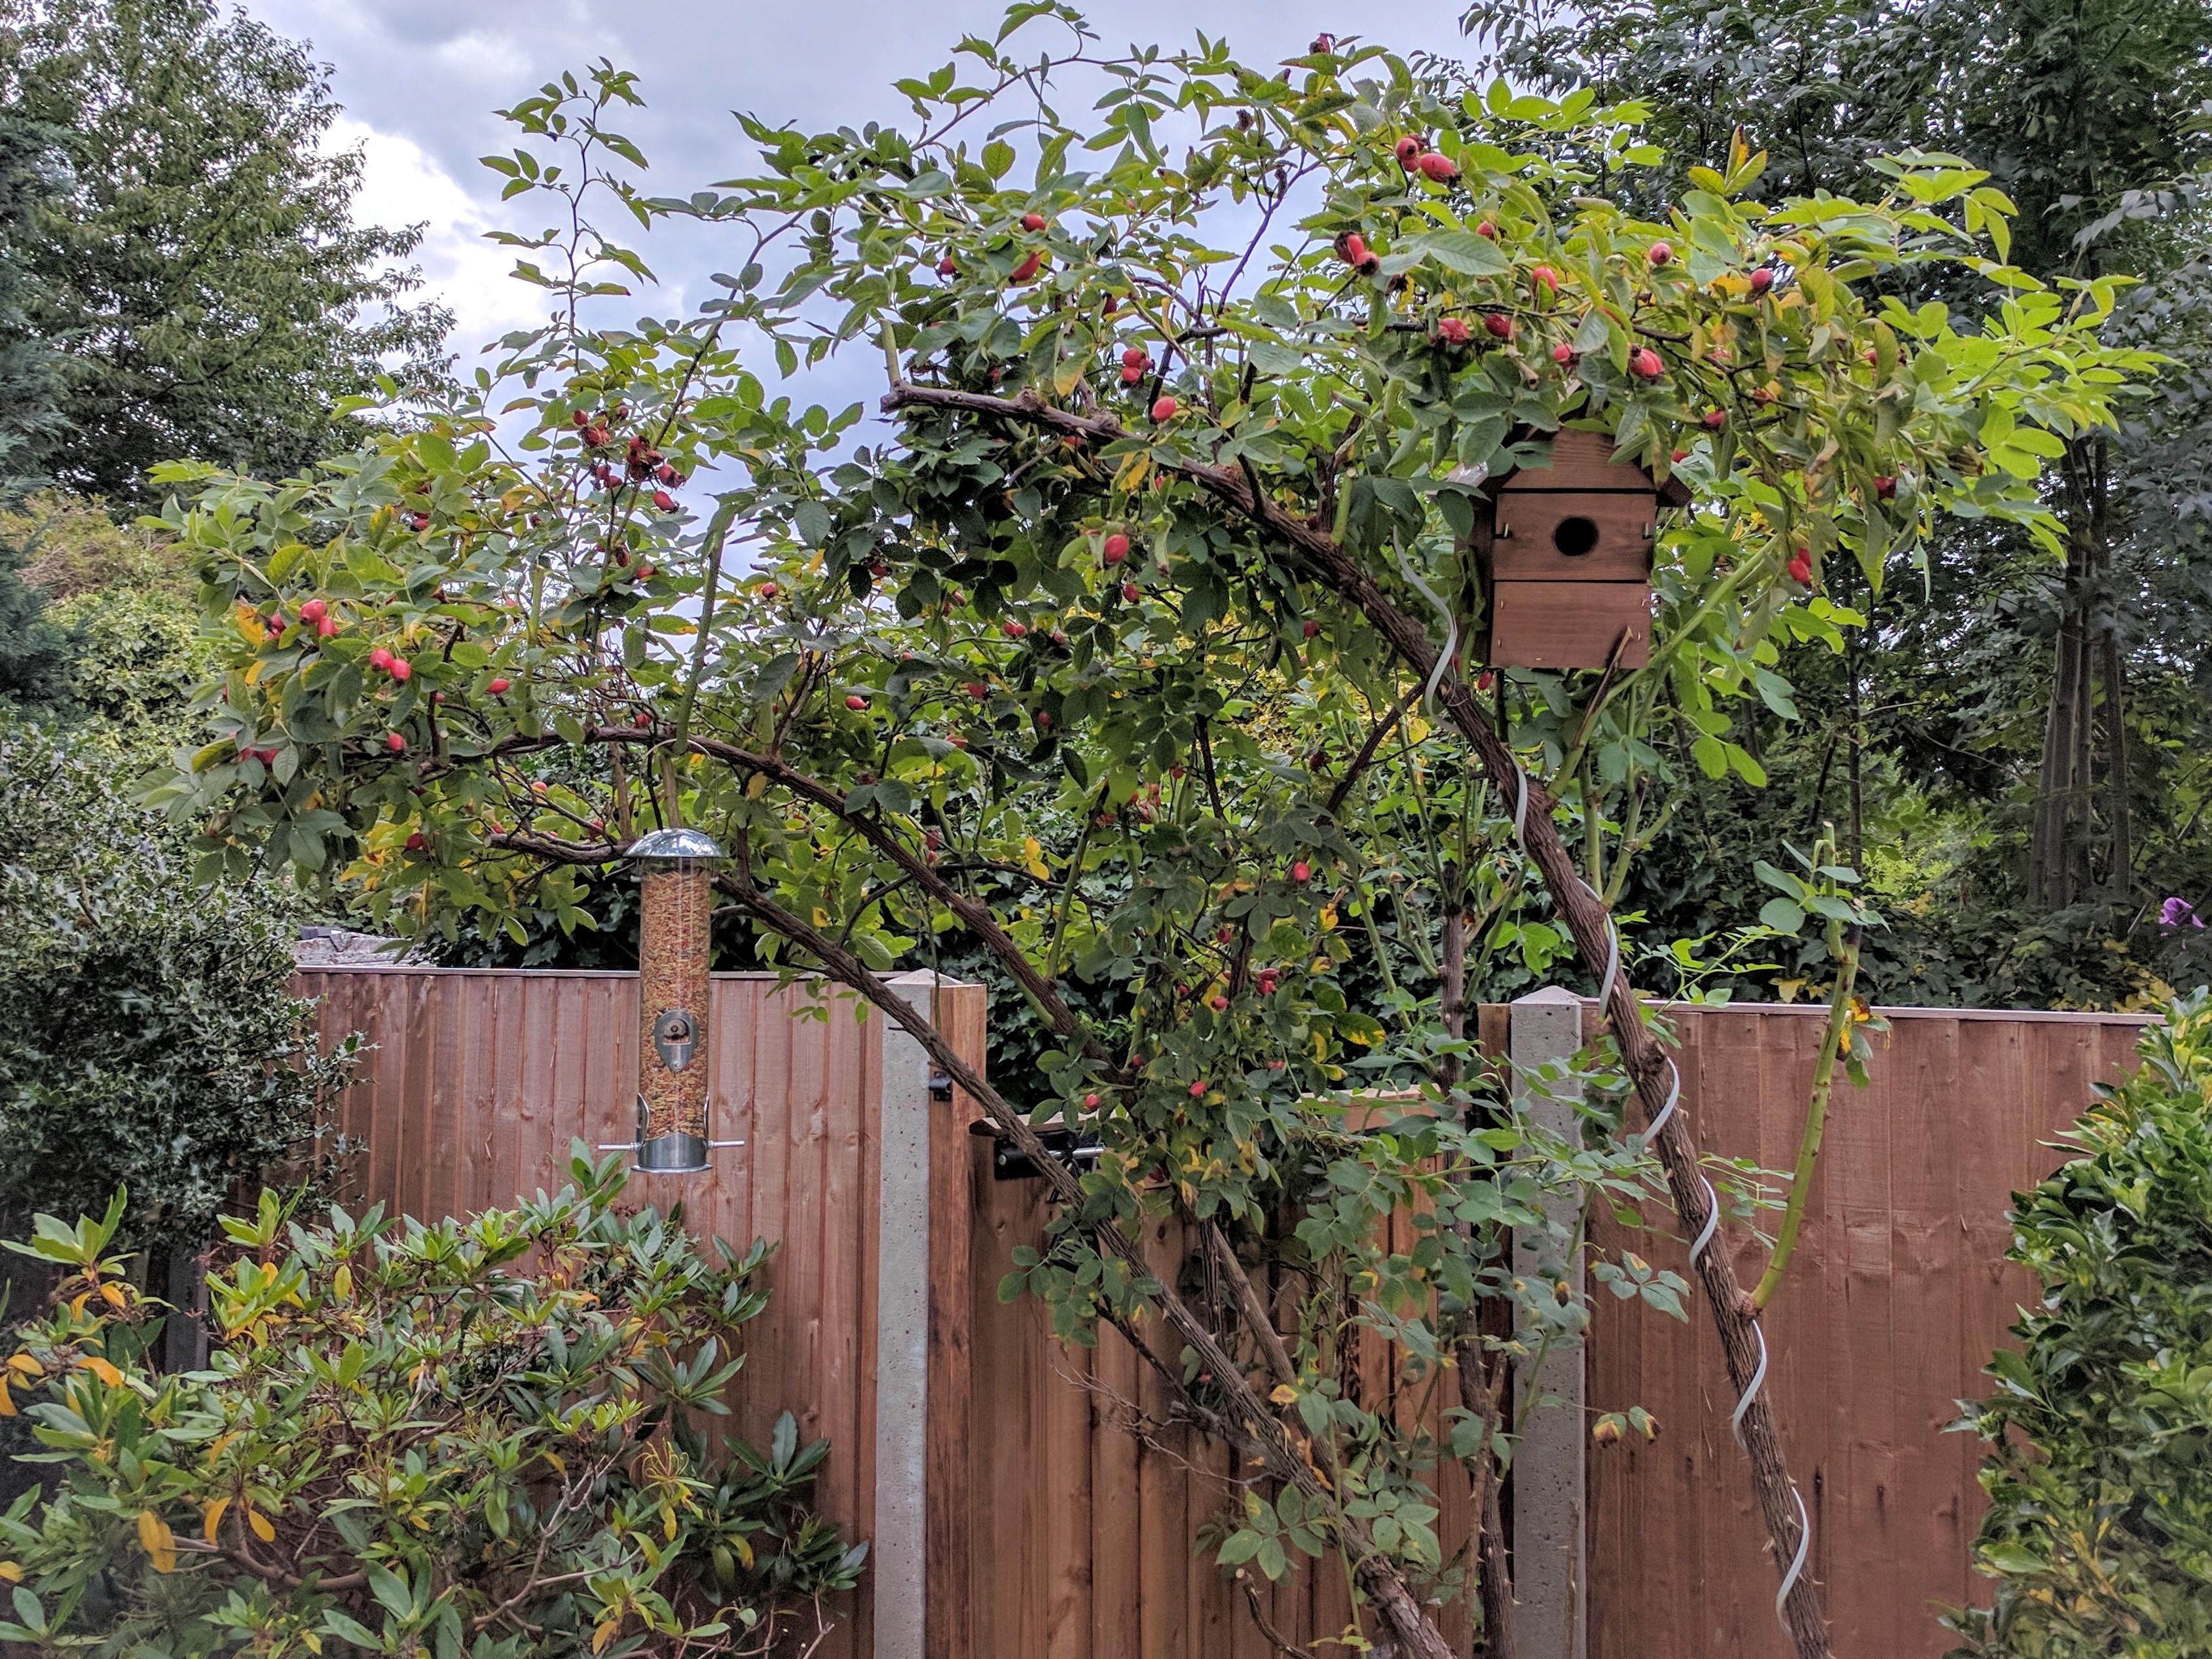 Kevin's Bird Box in situ